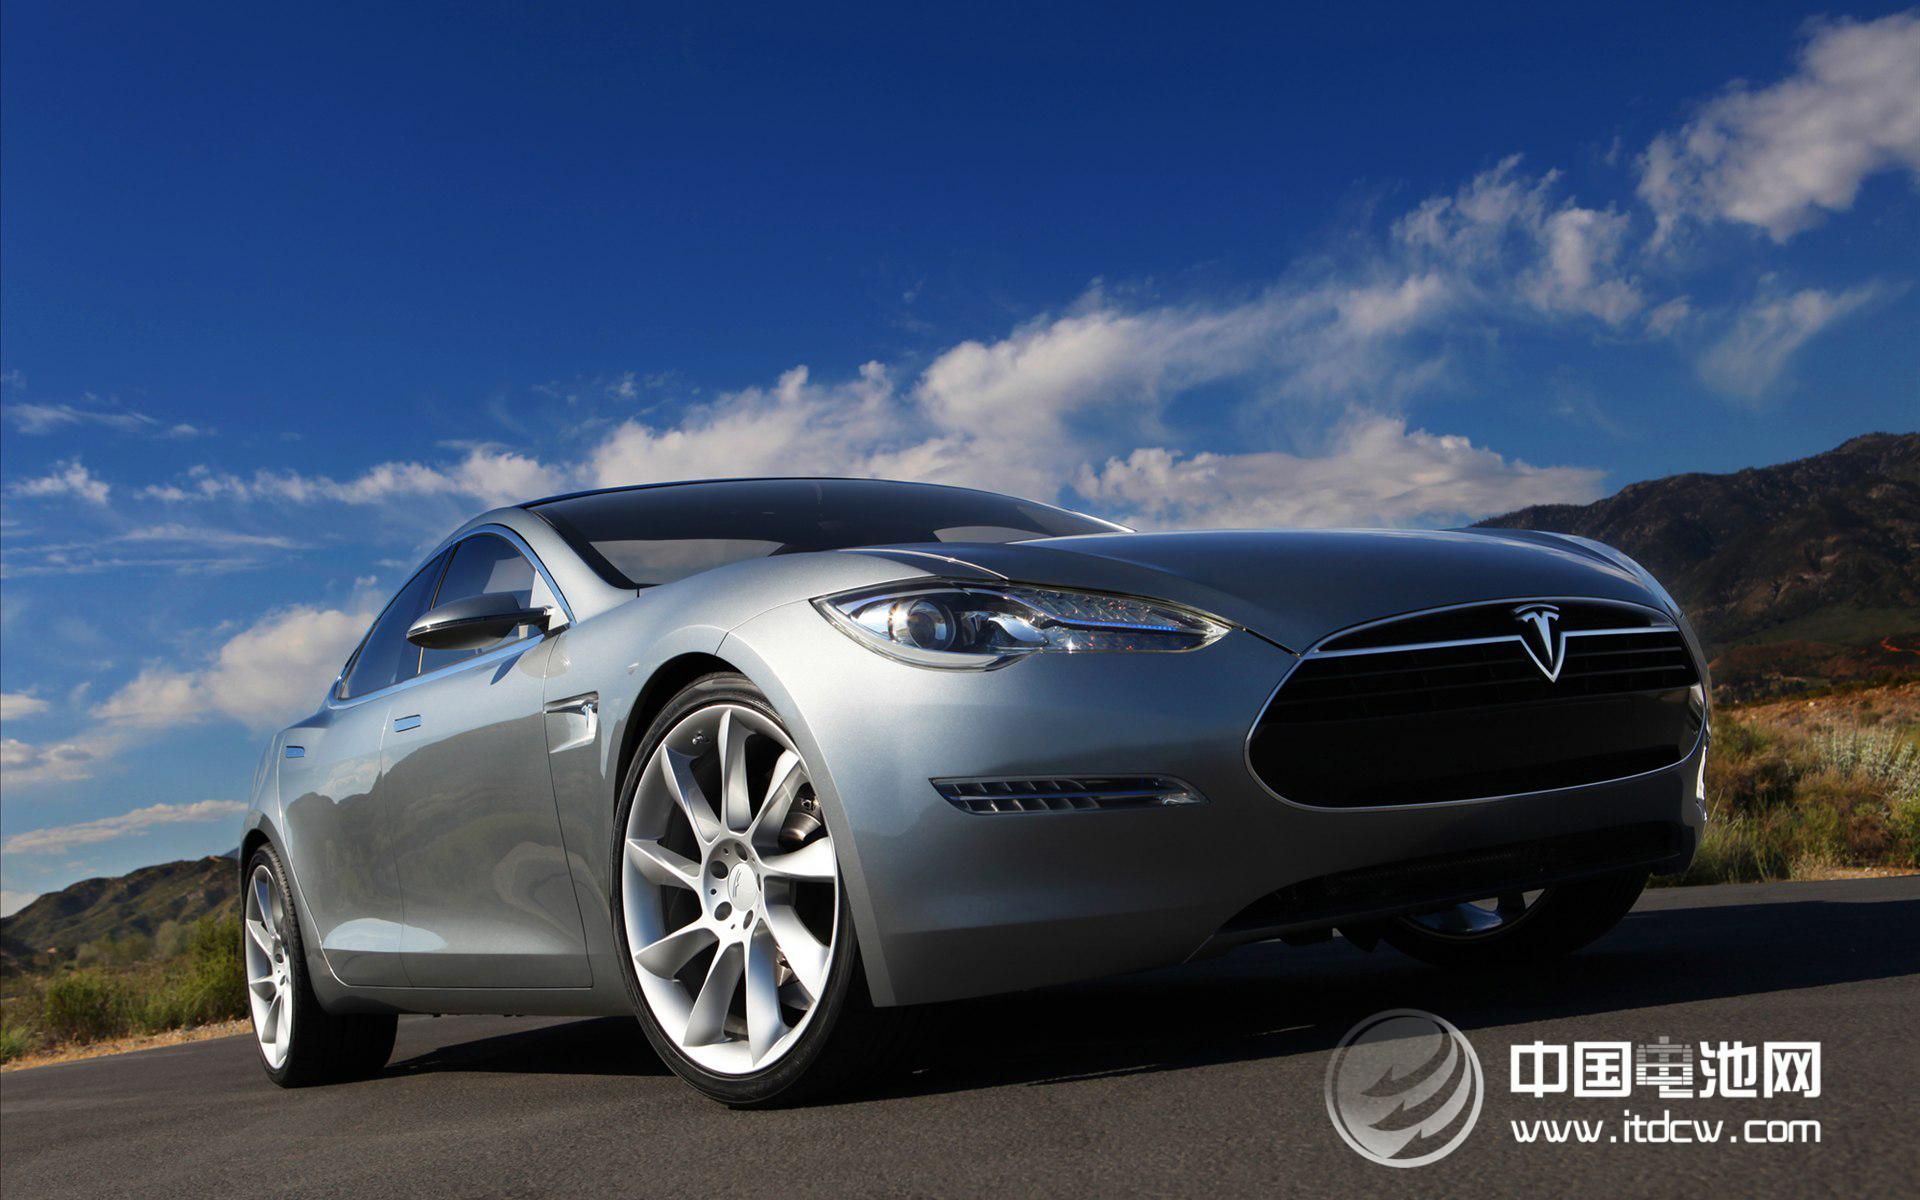 余建良 特斯拉不是发展新能源汽车的范本图片